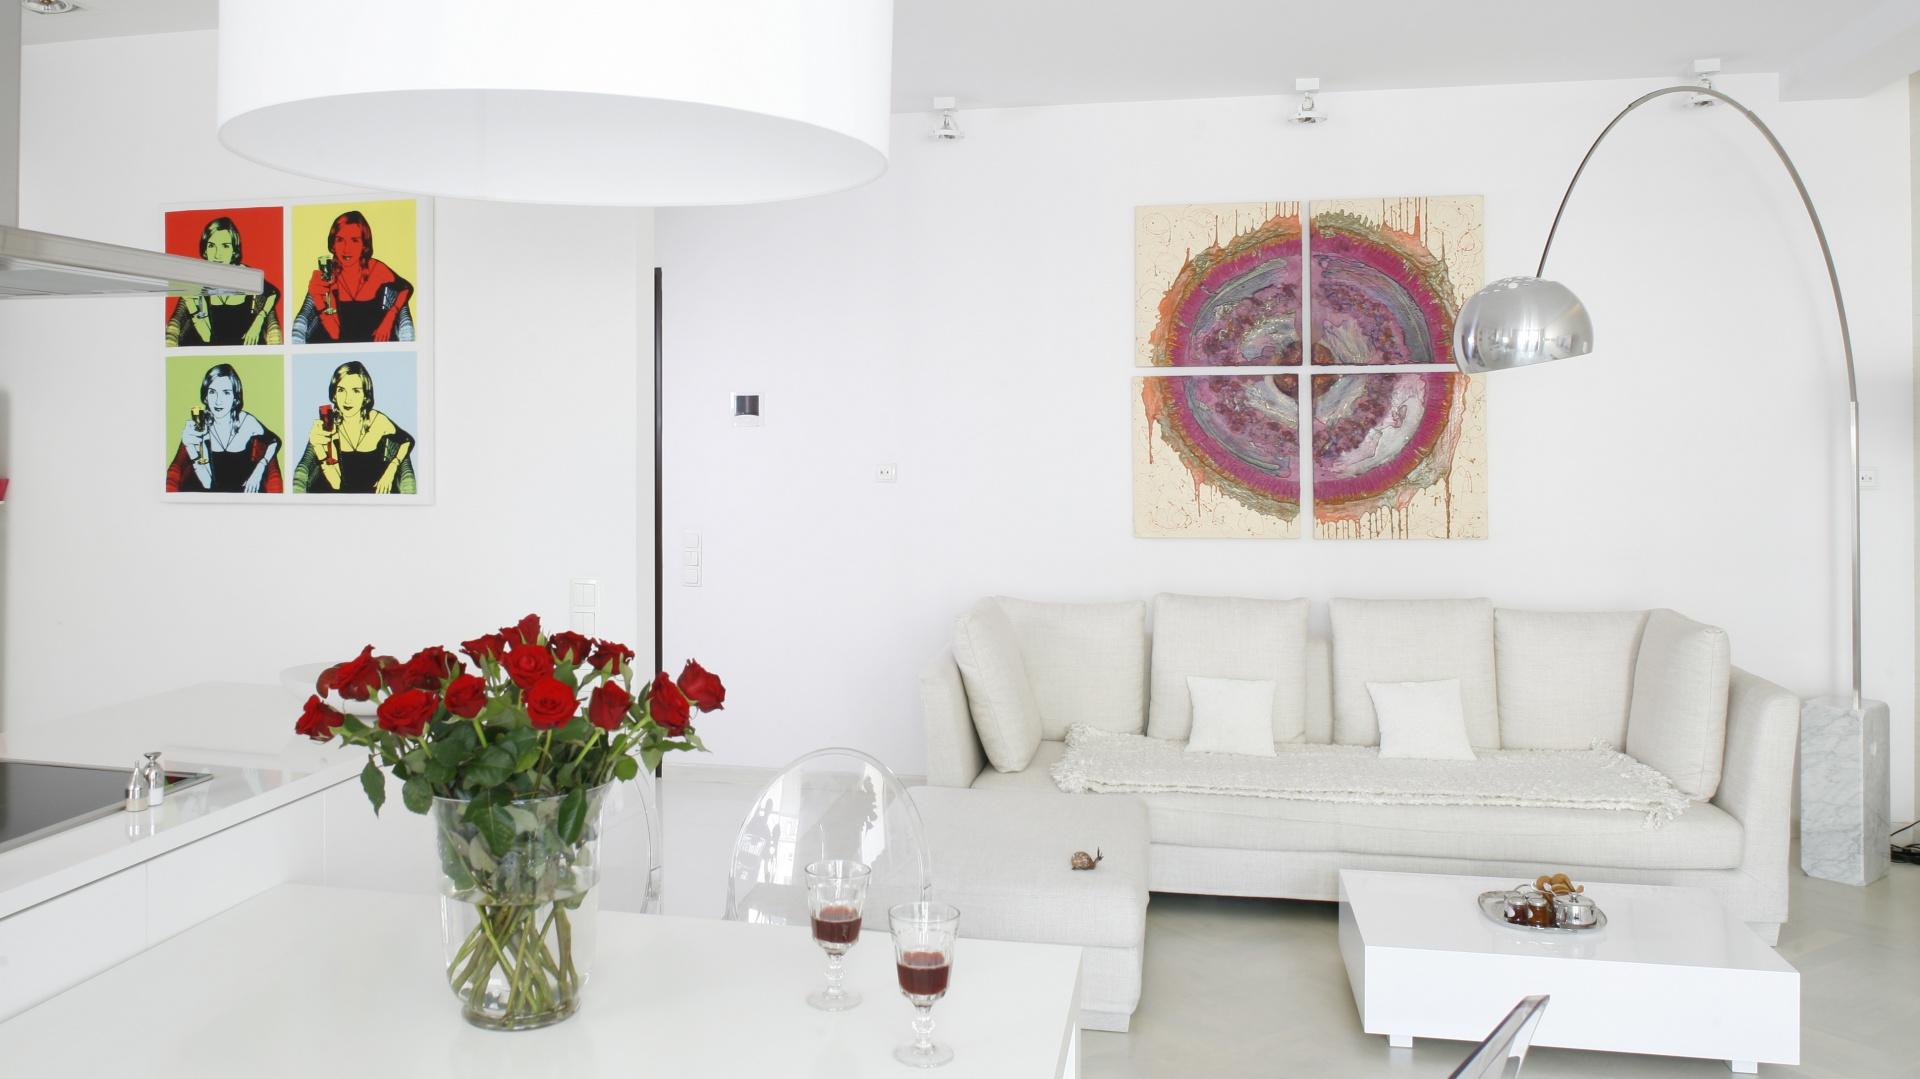 Najważniejsze miejsce w salonie, czyli tuż nad kanapą, zdobi nowoczesny obraz, który tworzą 4 elementy. Projekt: Piotr Gierałtowski. Fot. Bartosz Jarosz.